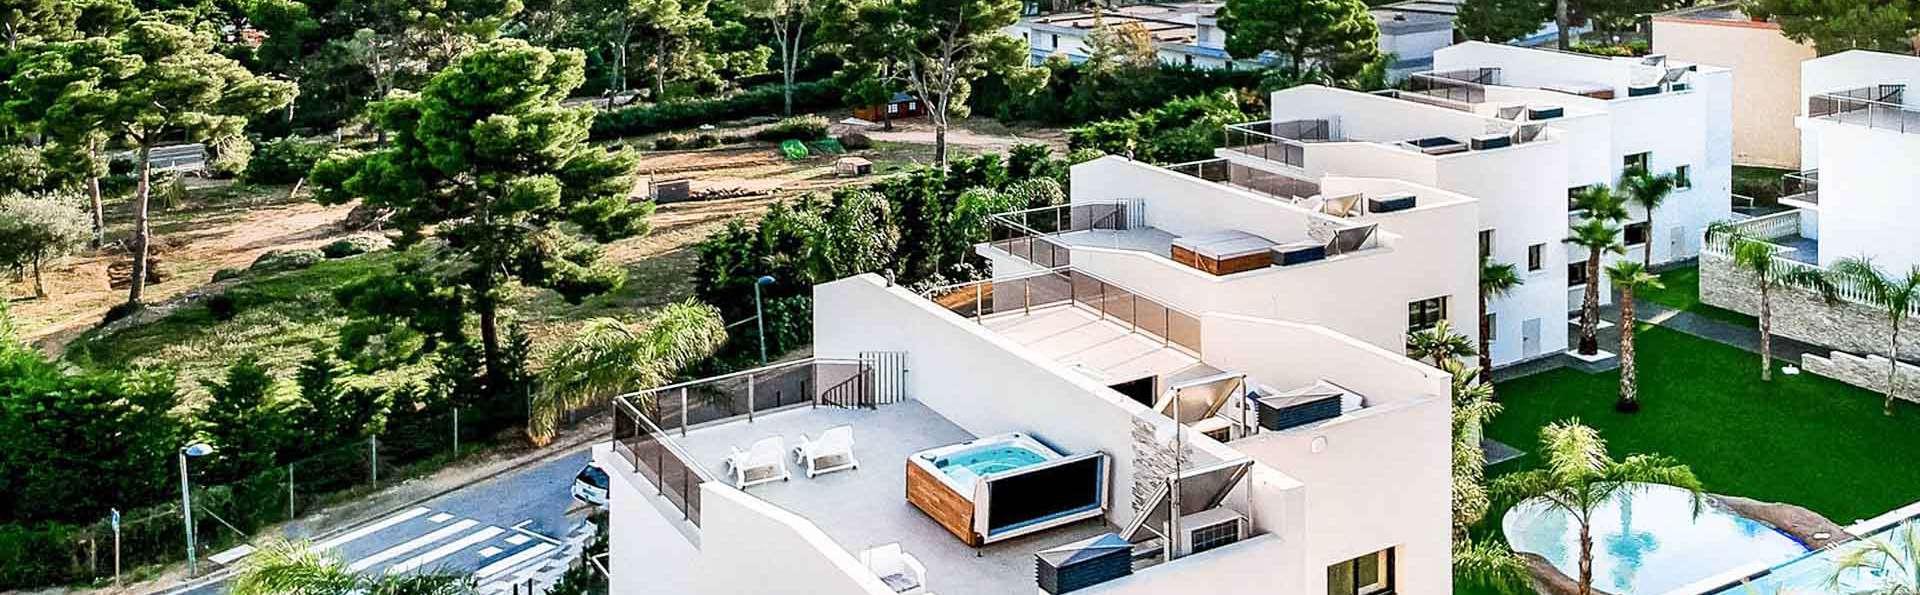 Escapada romántica en villa de lujo con detalles VIP y jacuzzi privado en Platja d'Aro